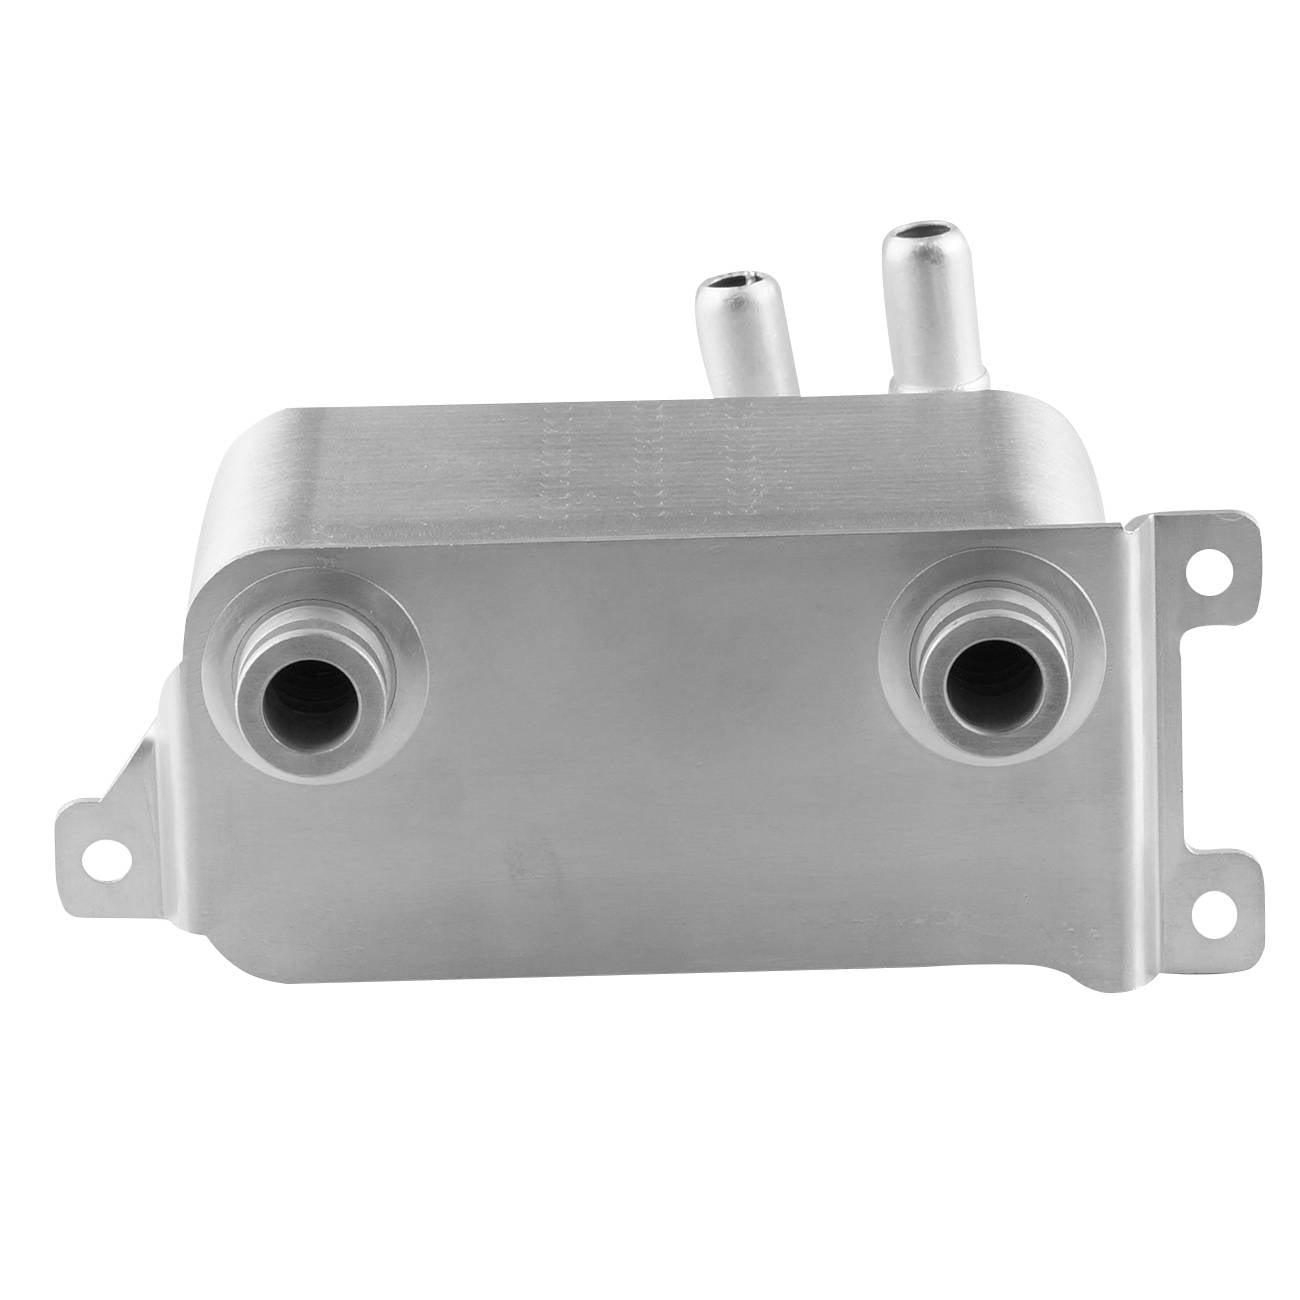 17217519213 Auto Transmission Oil Cooler for BMW E60 E63 E64 E65 E66 525i 530i 745i